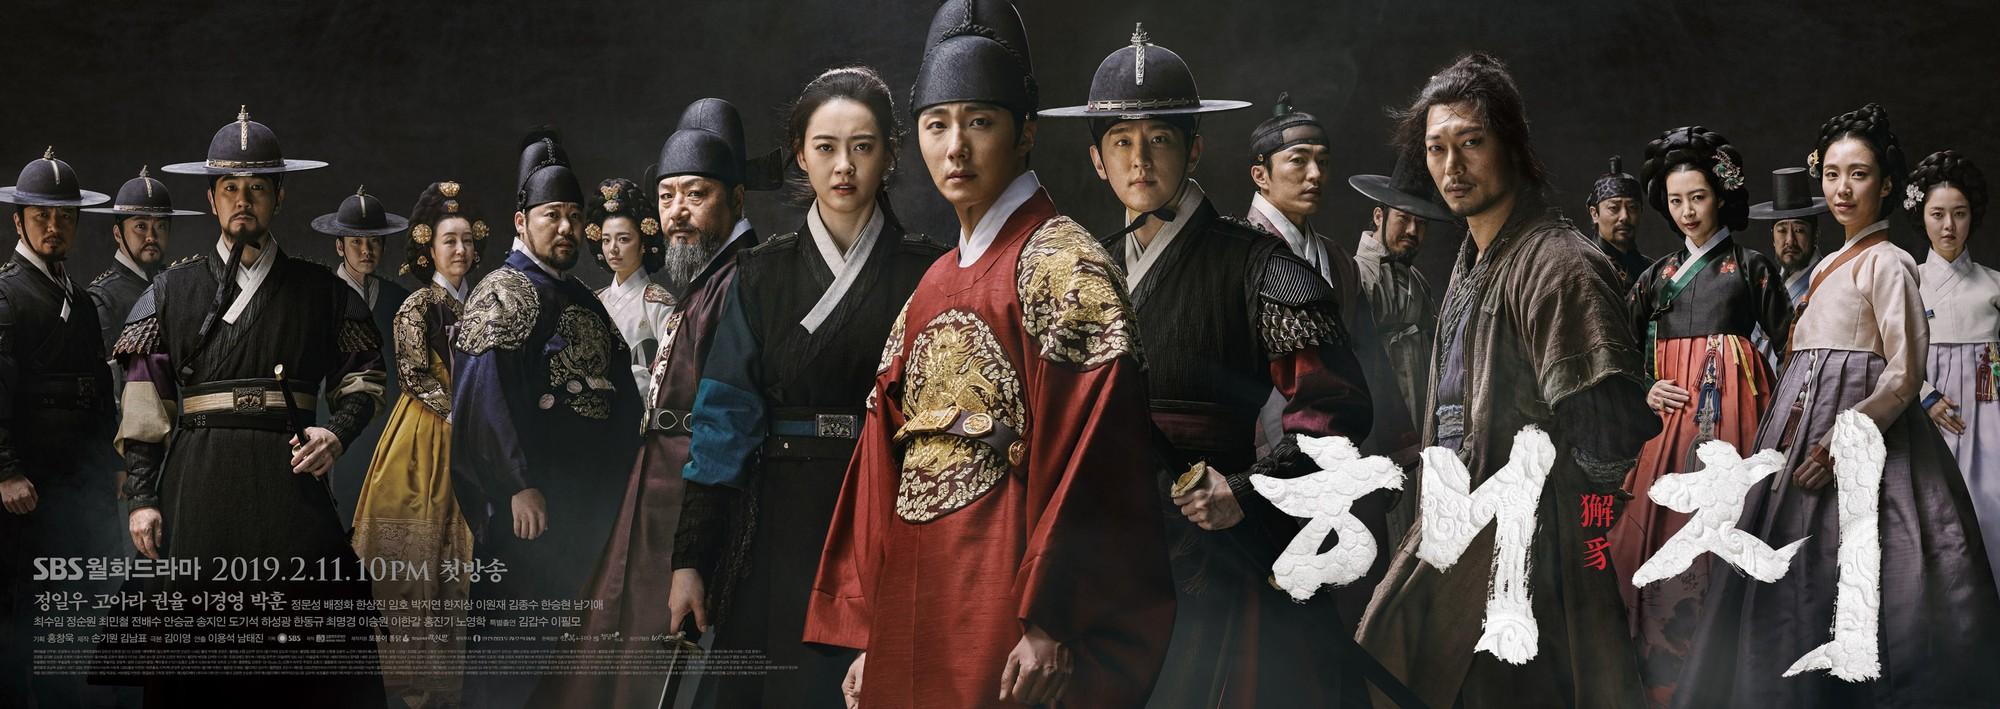 Thời Đại Haechi Gây Chú Ý Khi Có Sự Tái Xuất Của Jung Il Woo